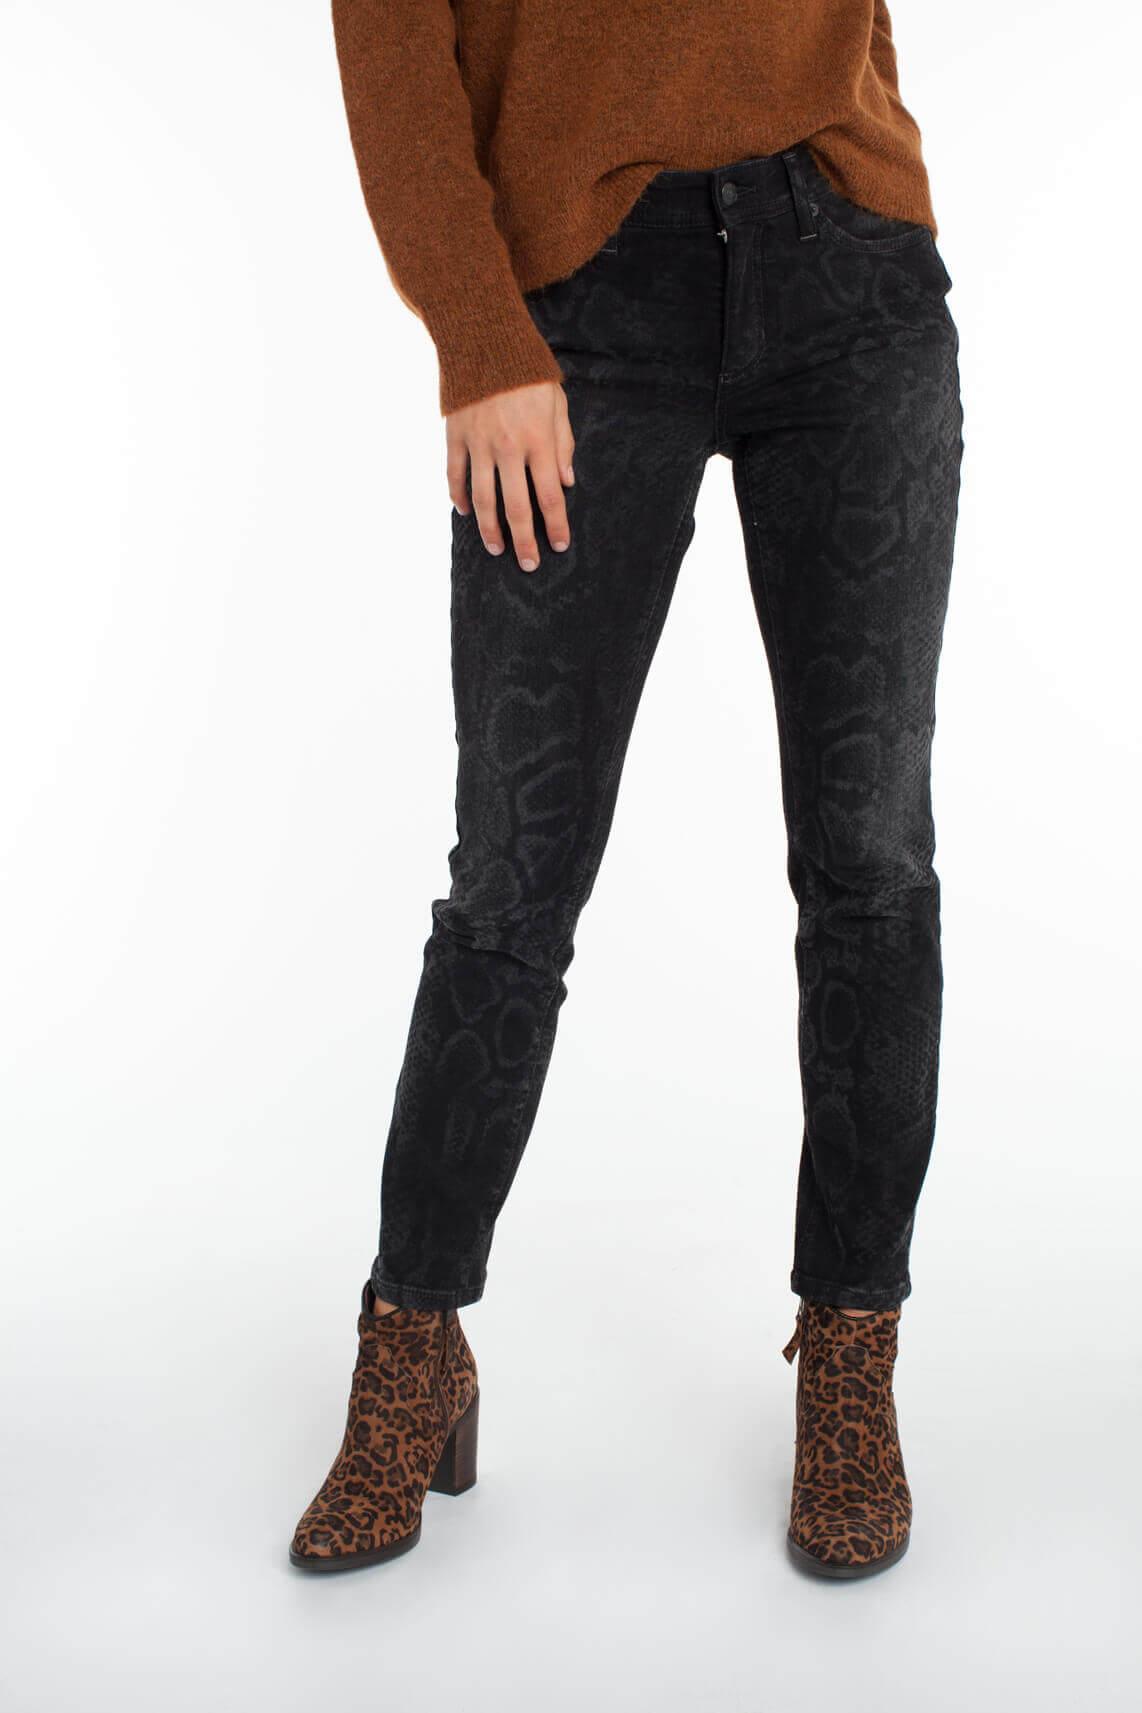 Cambio Dames Parla jeans met reptielprint zwart